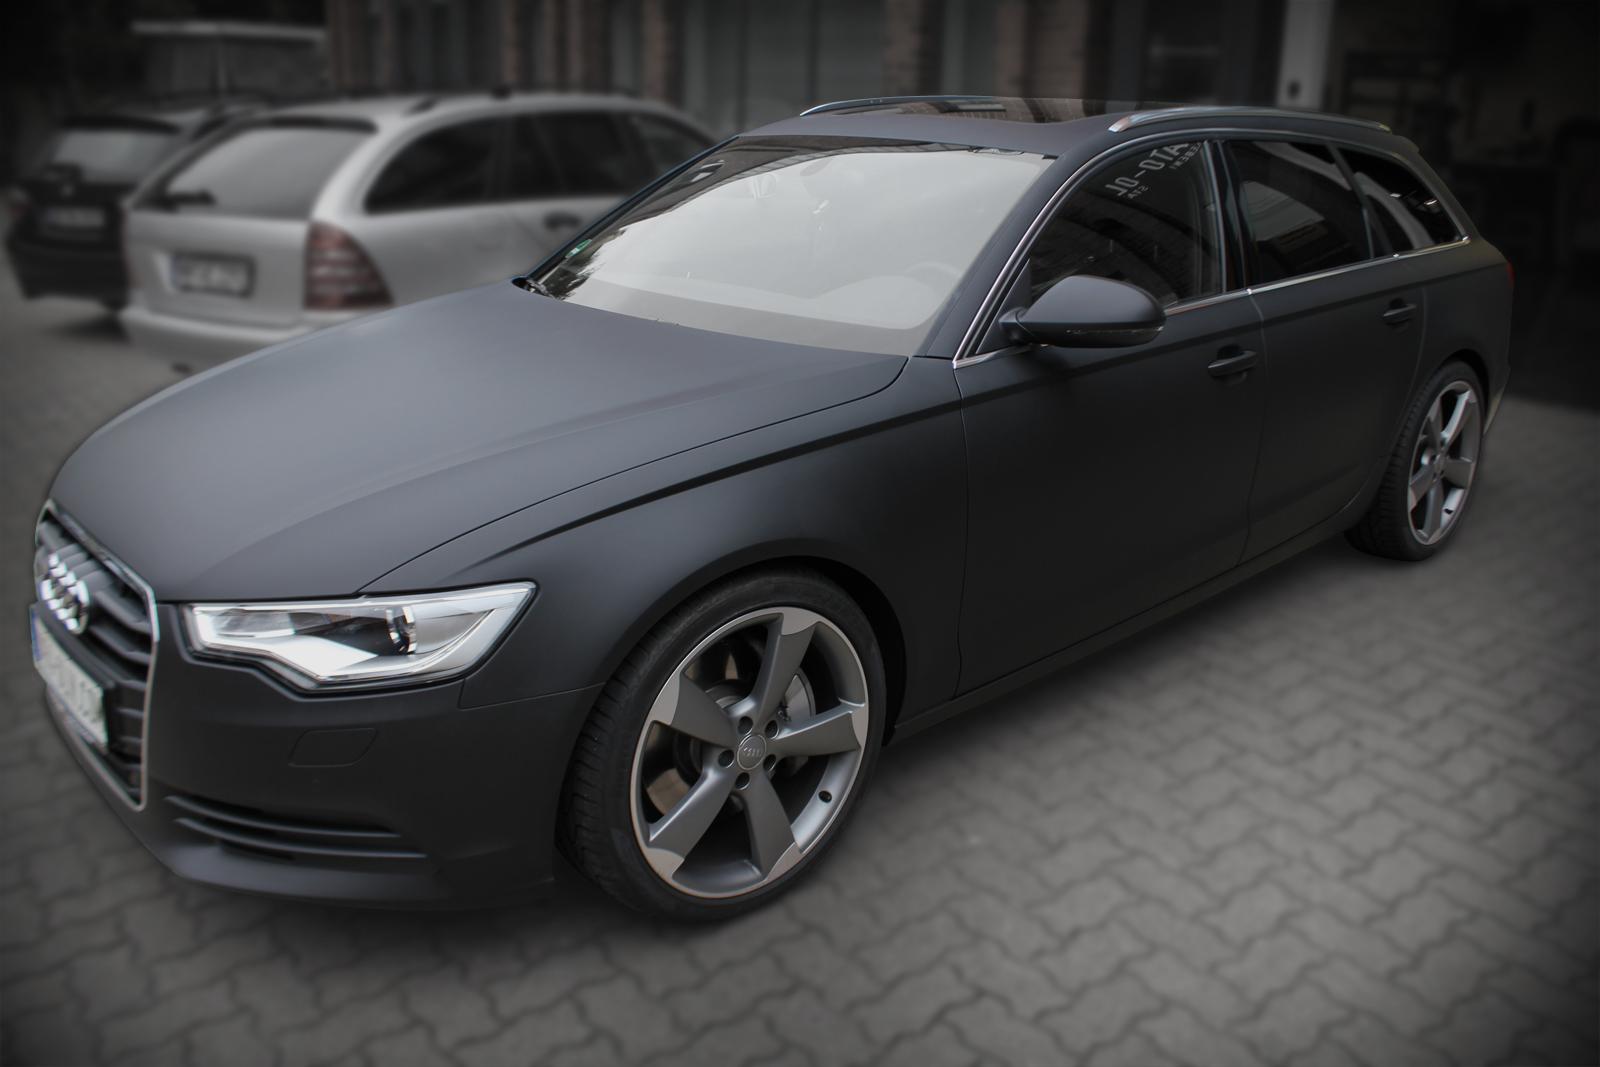 Dieser Audi wurd mich Hochleistungsfolie in schwarz matt beklebt und bekam zusaetzlich eine Scheibentoenung.